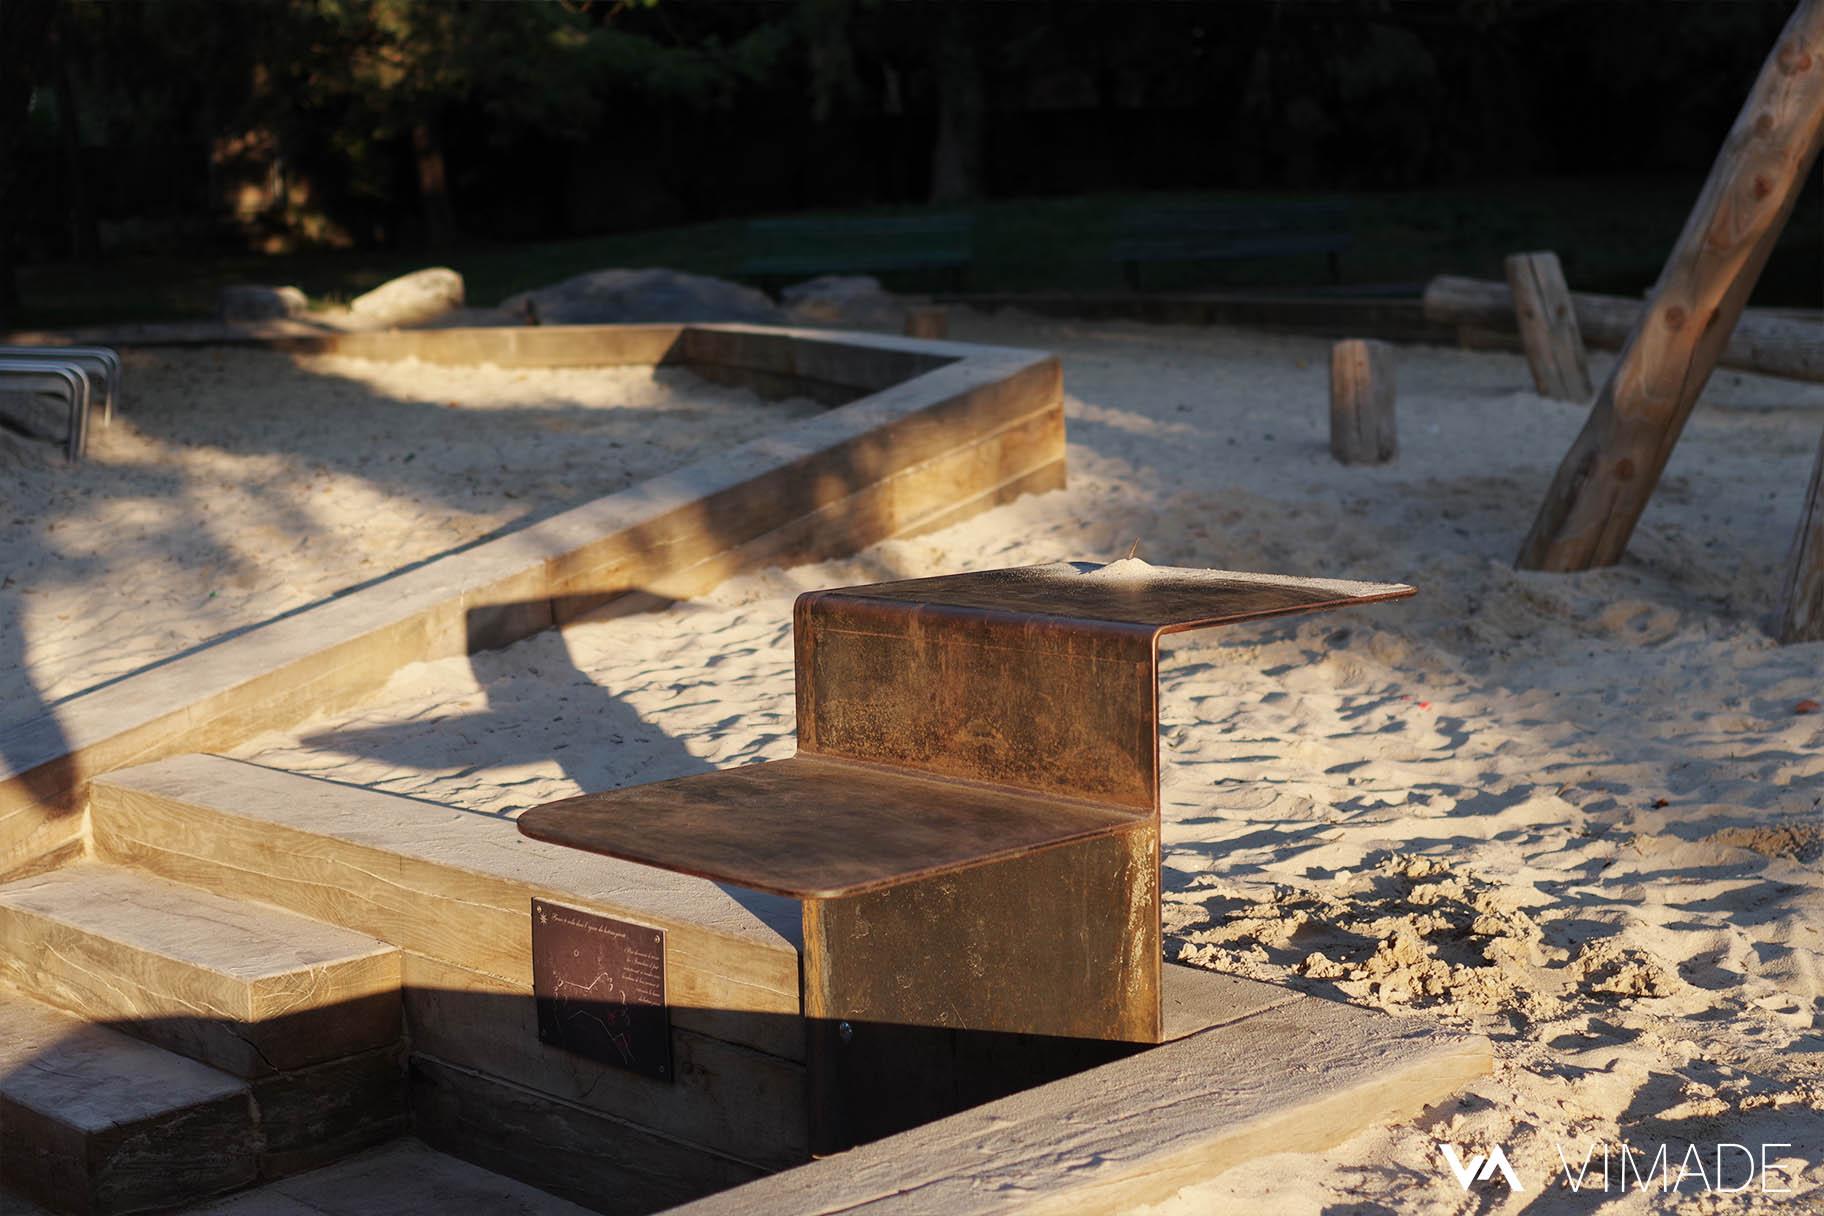 bac-sable-place-jeux-enfant-PMR-corten-table-parc-franchises-chatelaine-vernier-geneve-vimade-architecte-paysage